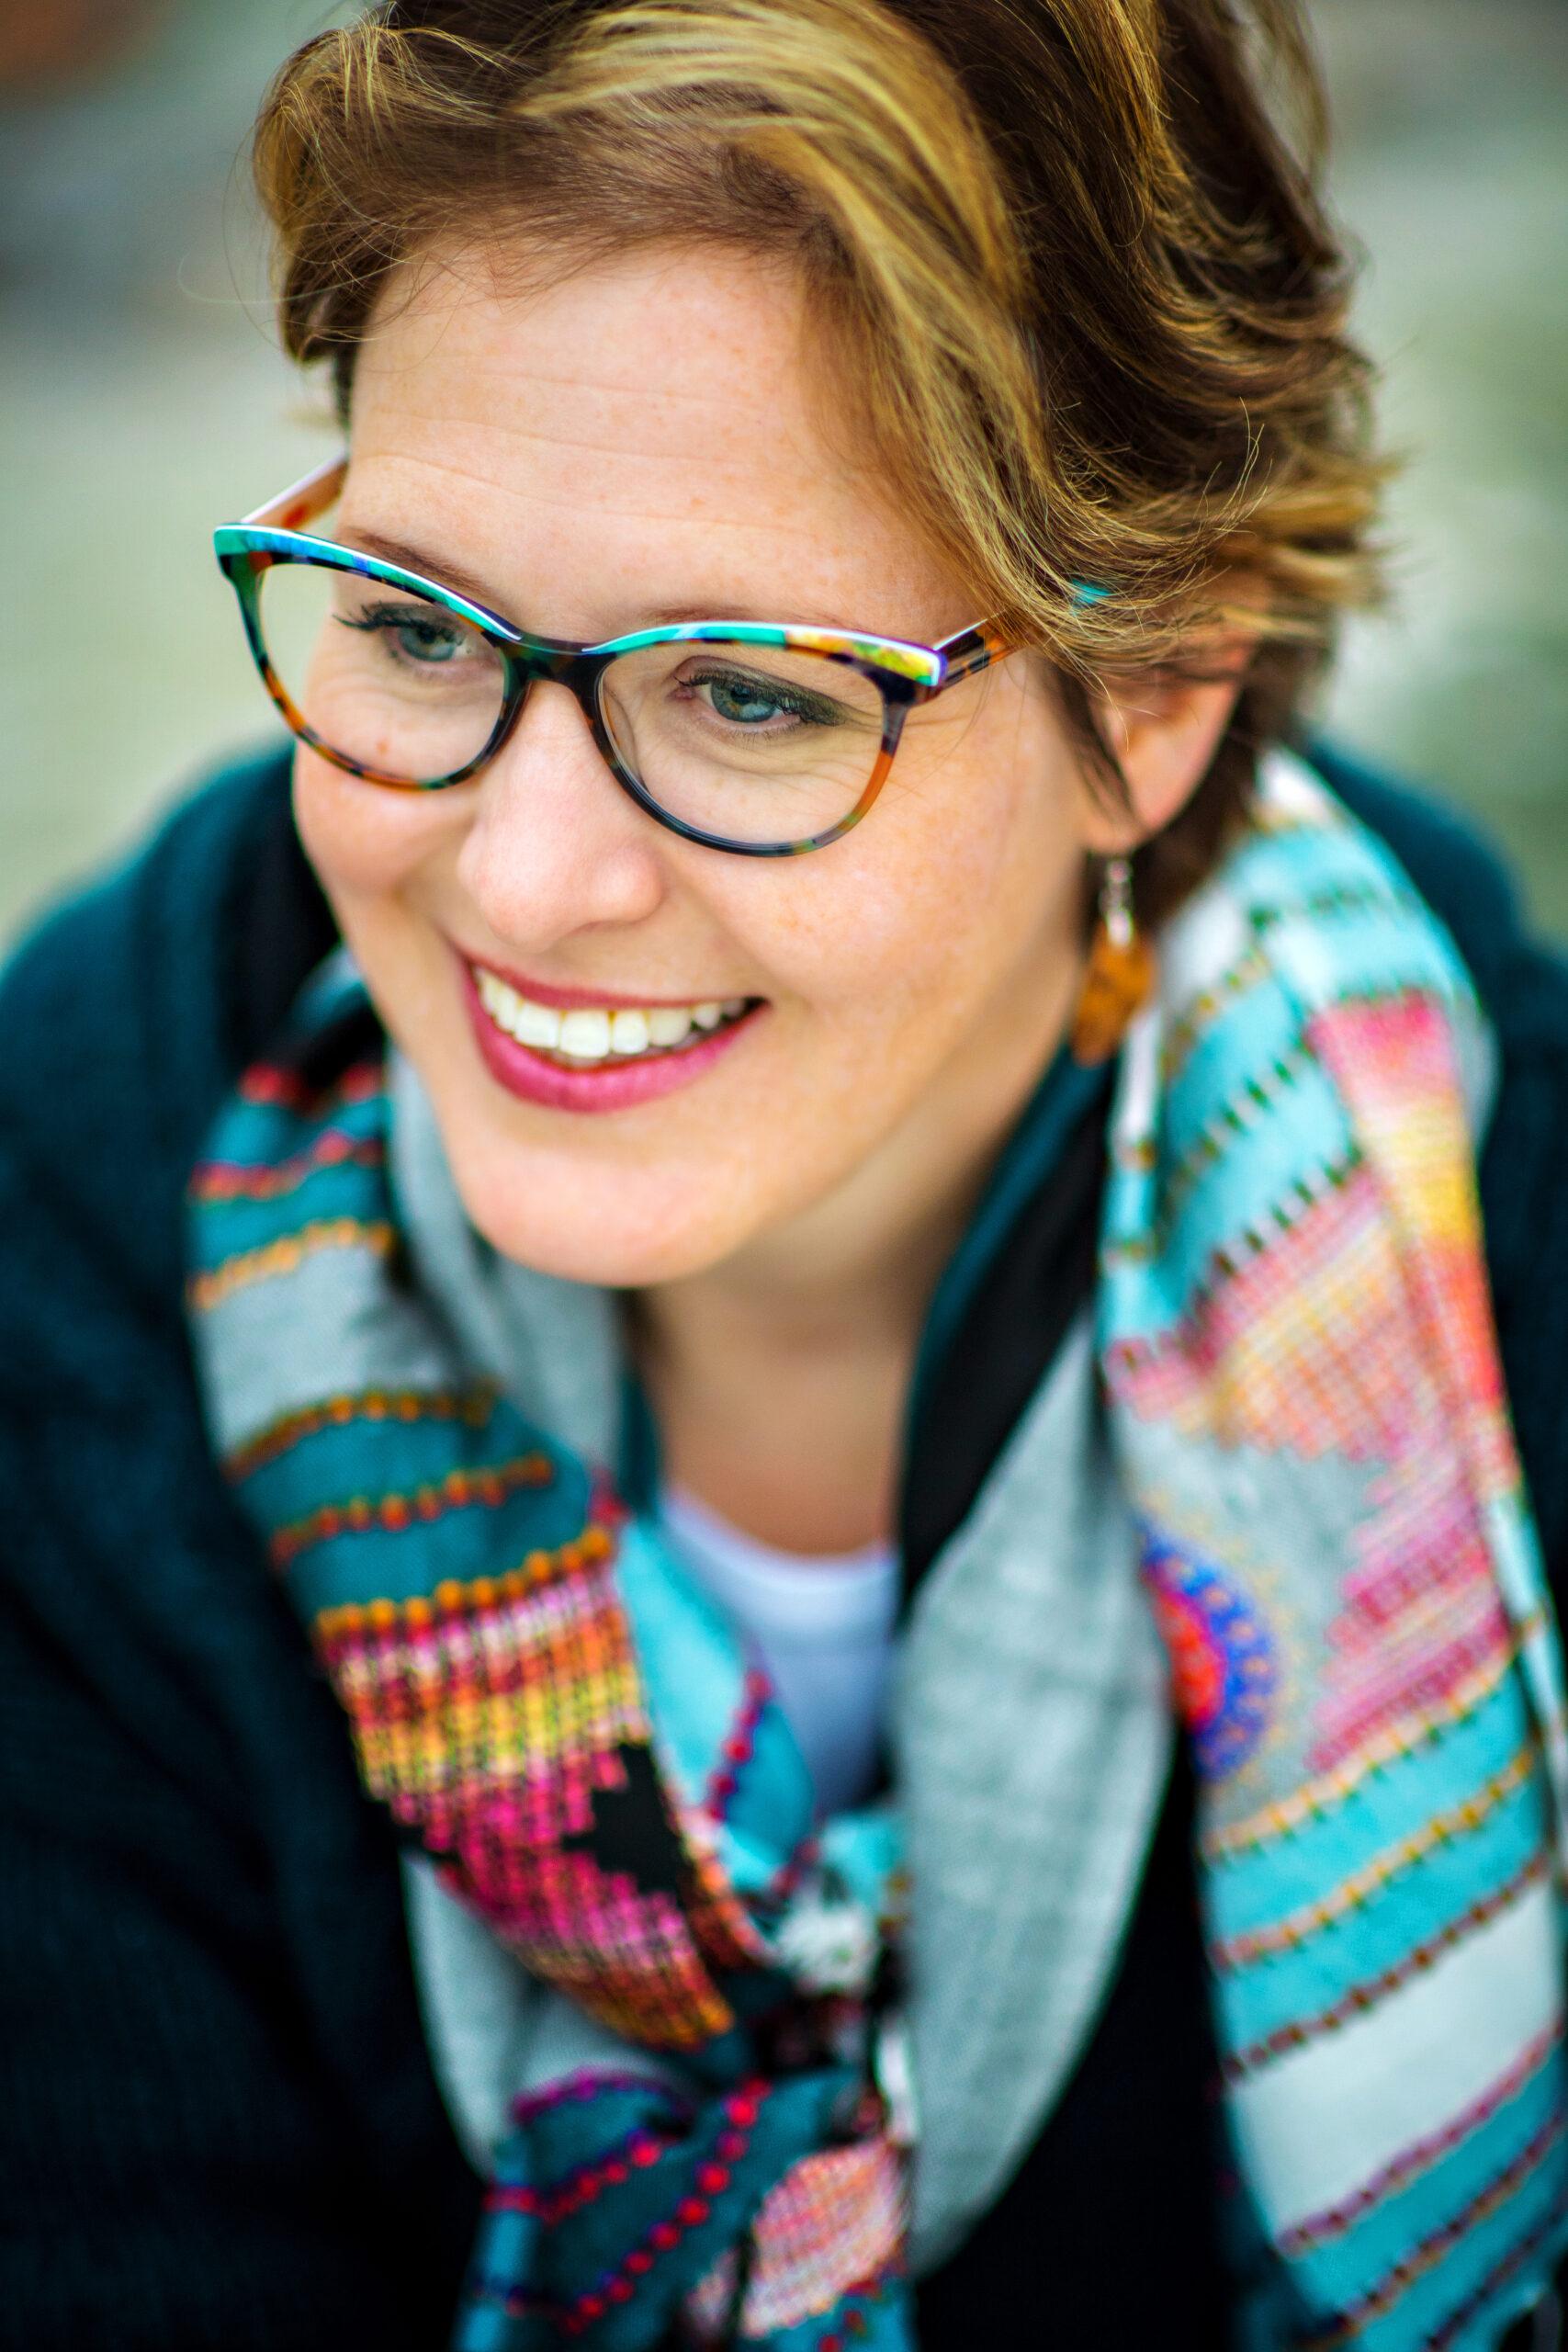 Merritt Headshot with Glasses